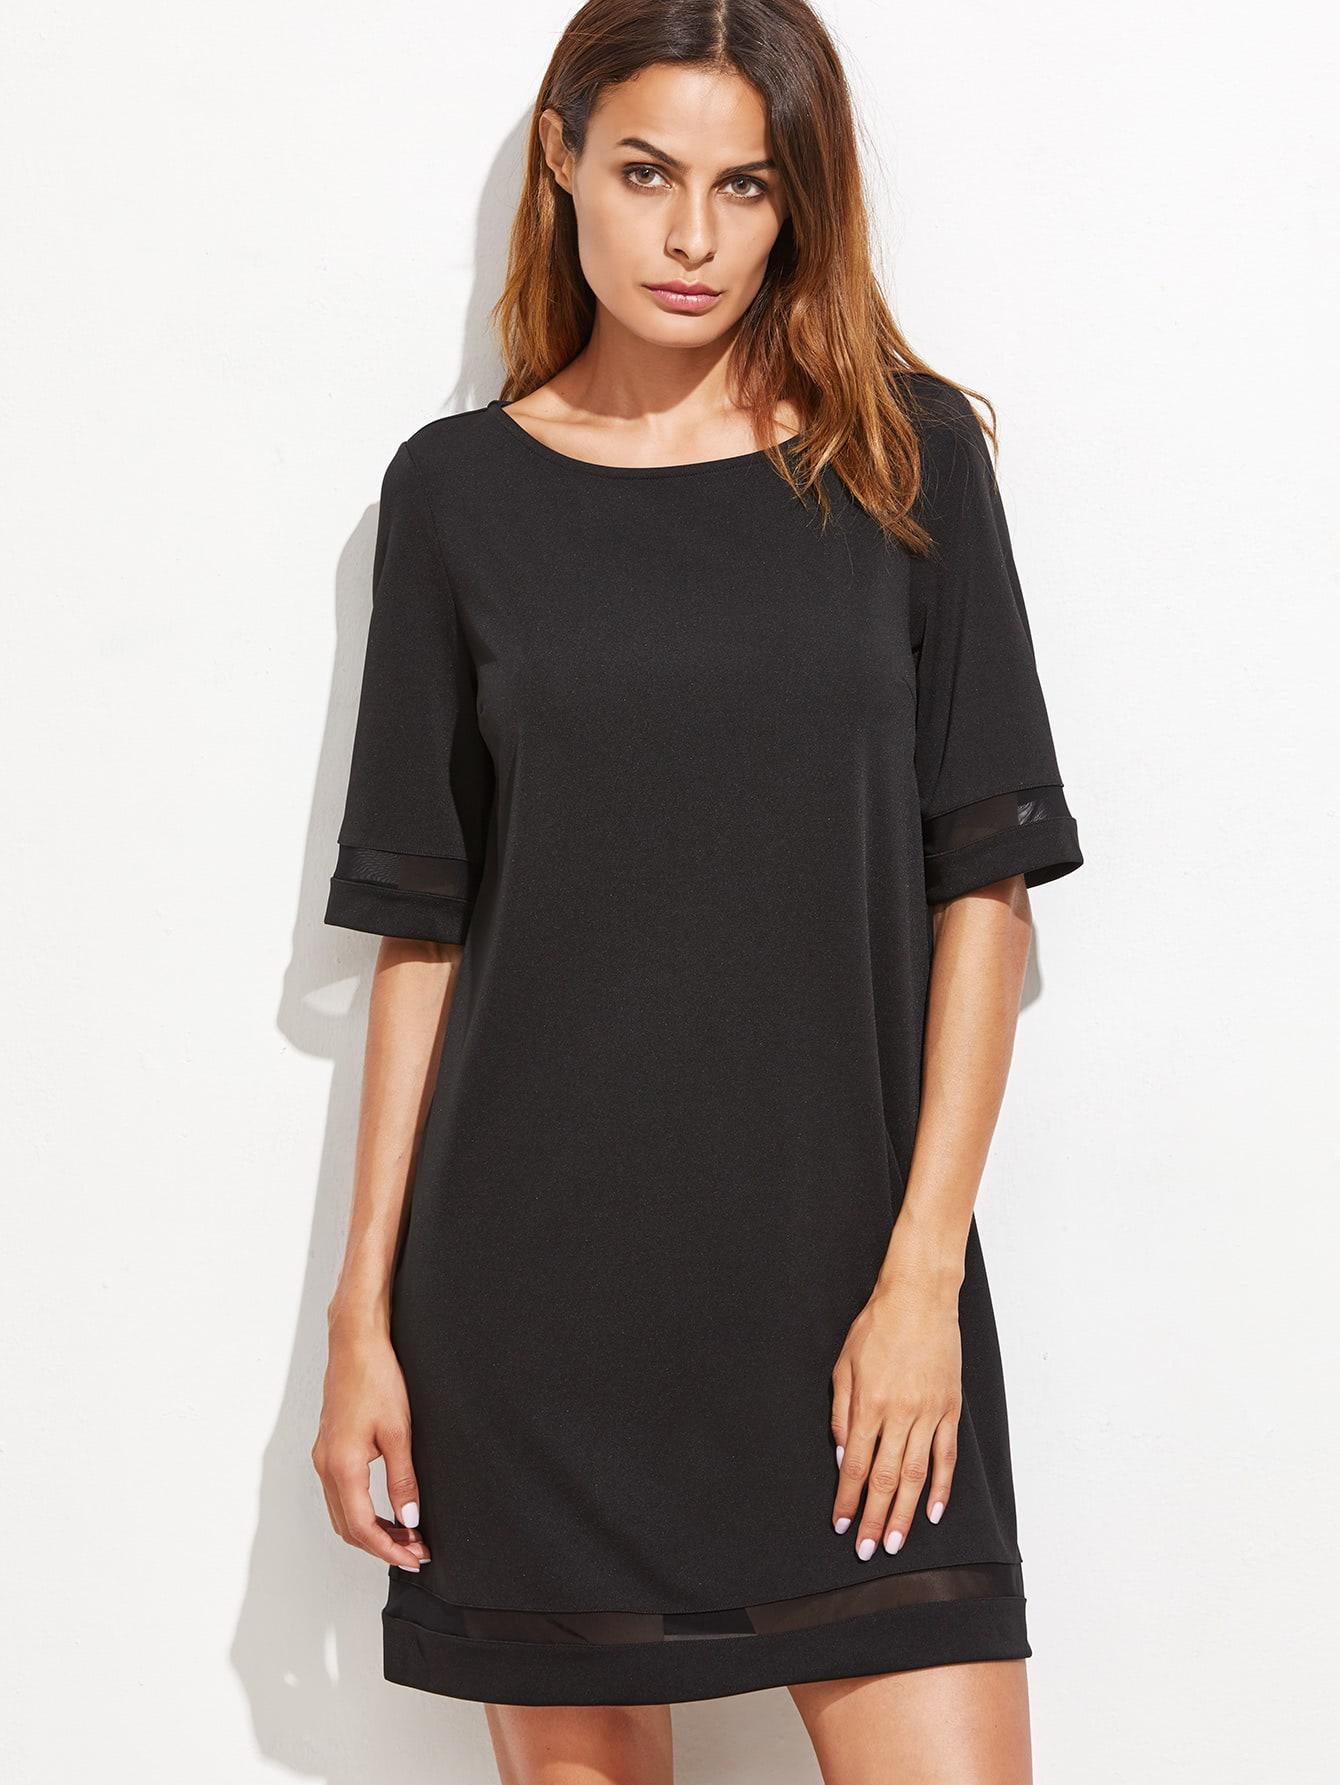 Mesh Panel Tunic Dress dress161014701